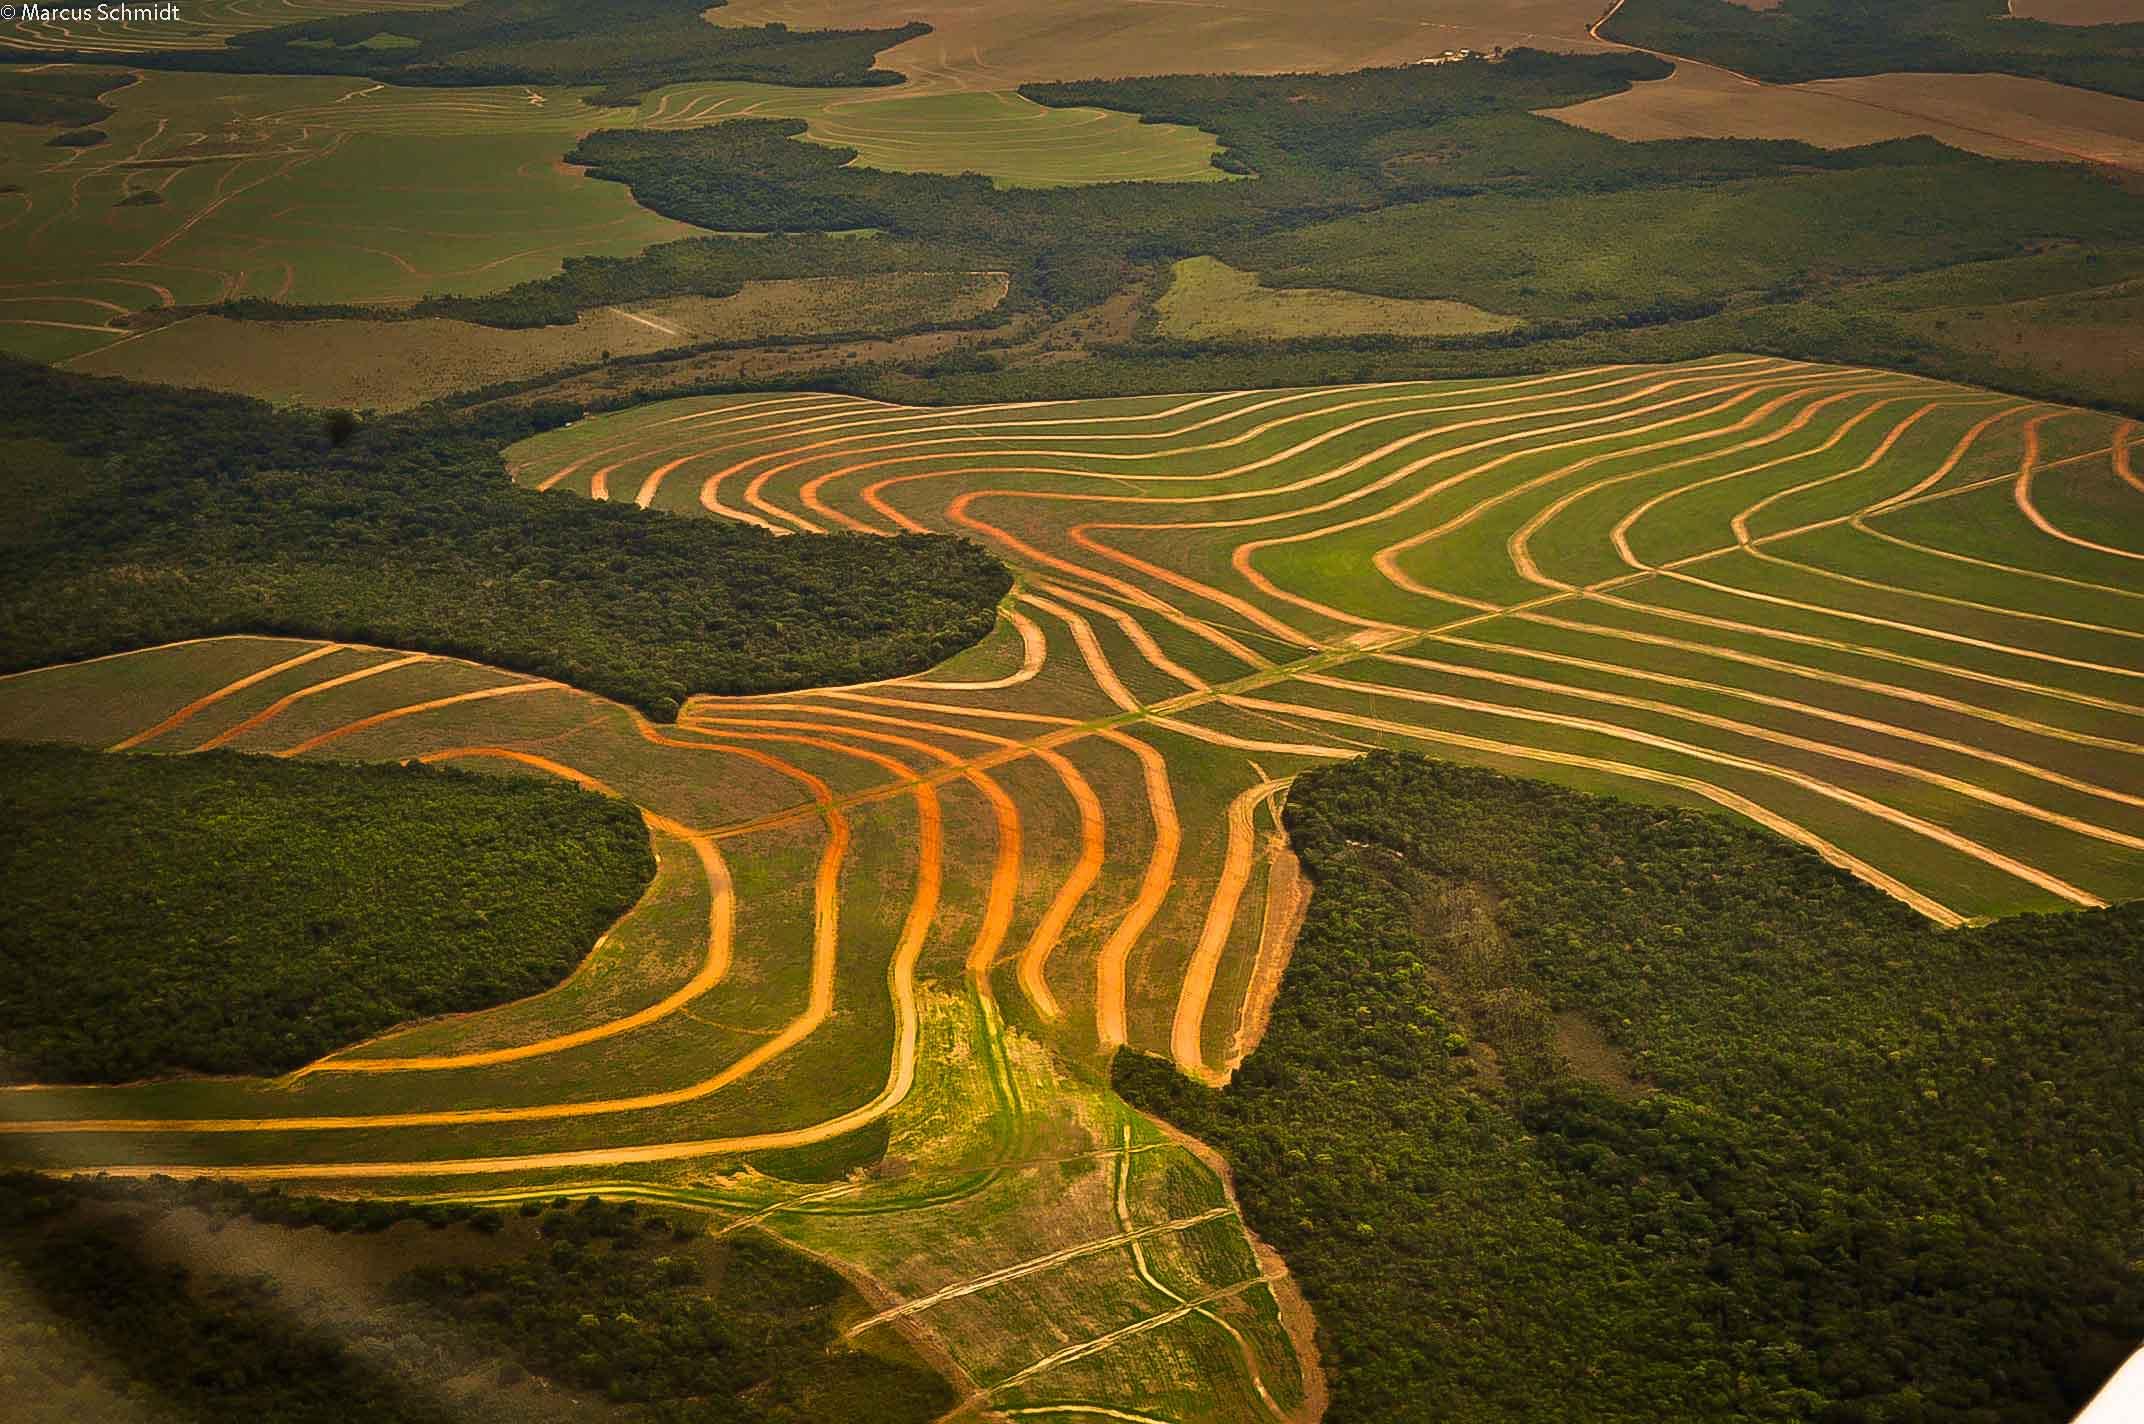 Região no entorno do PI do Xingu, agricultura sobre floresta